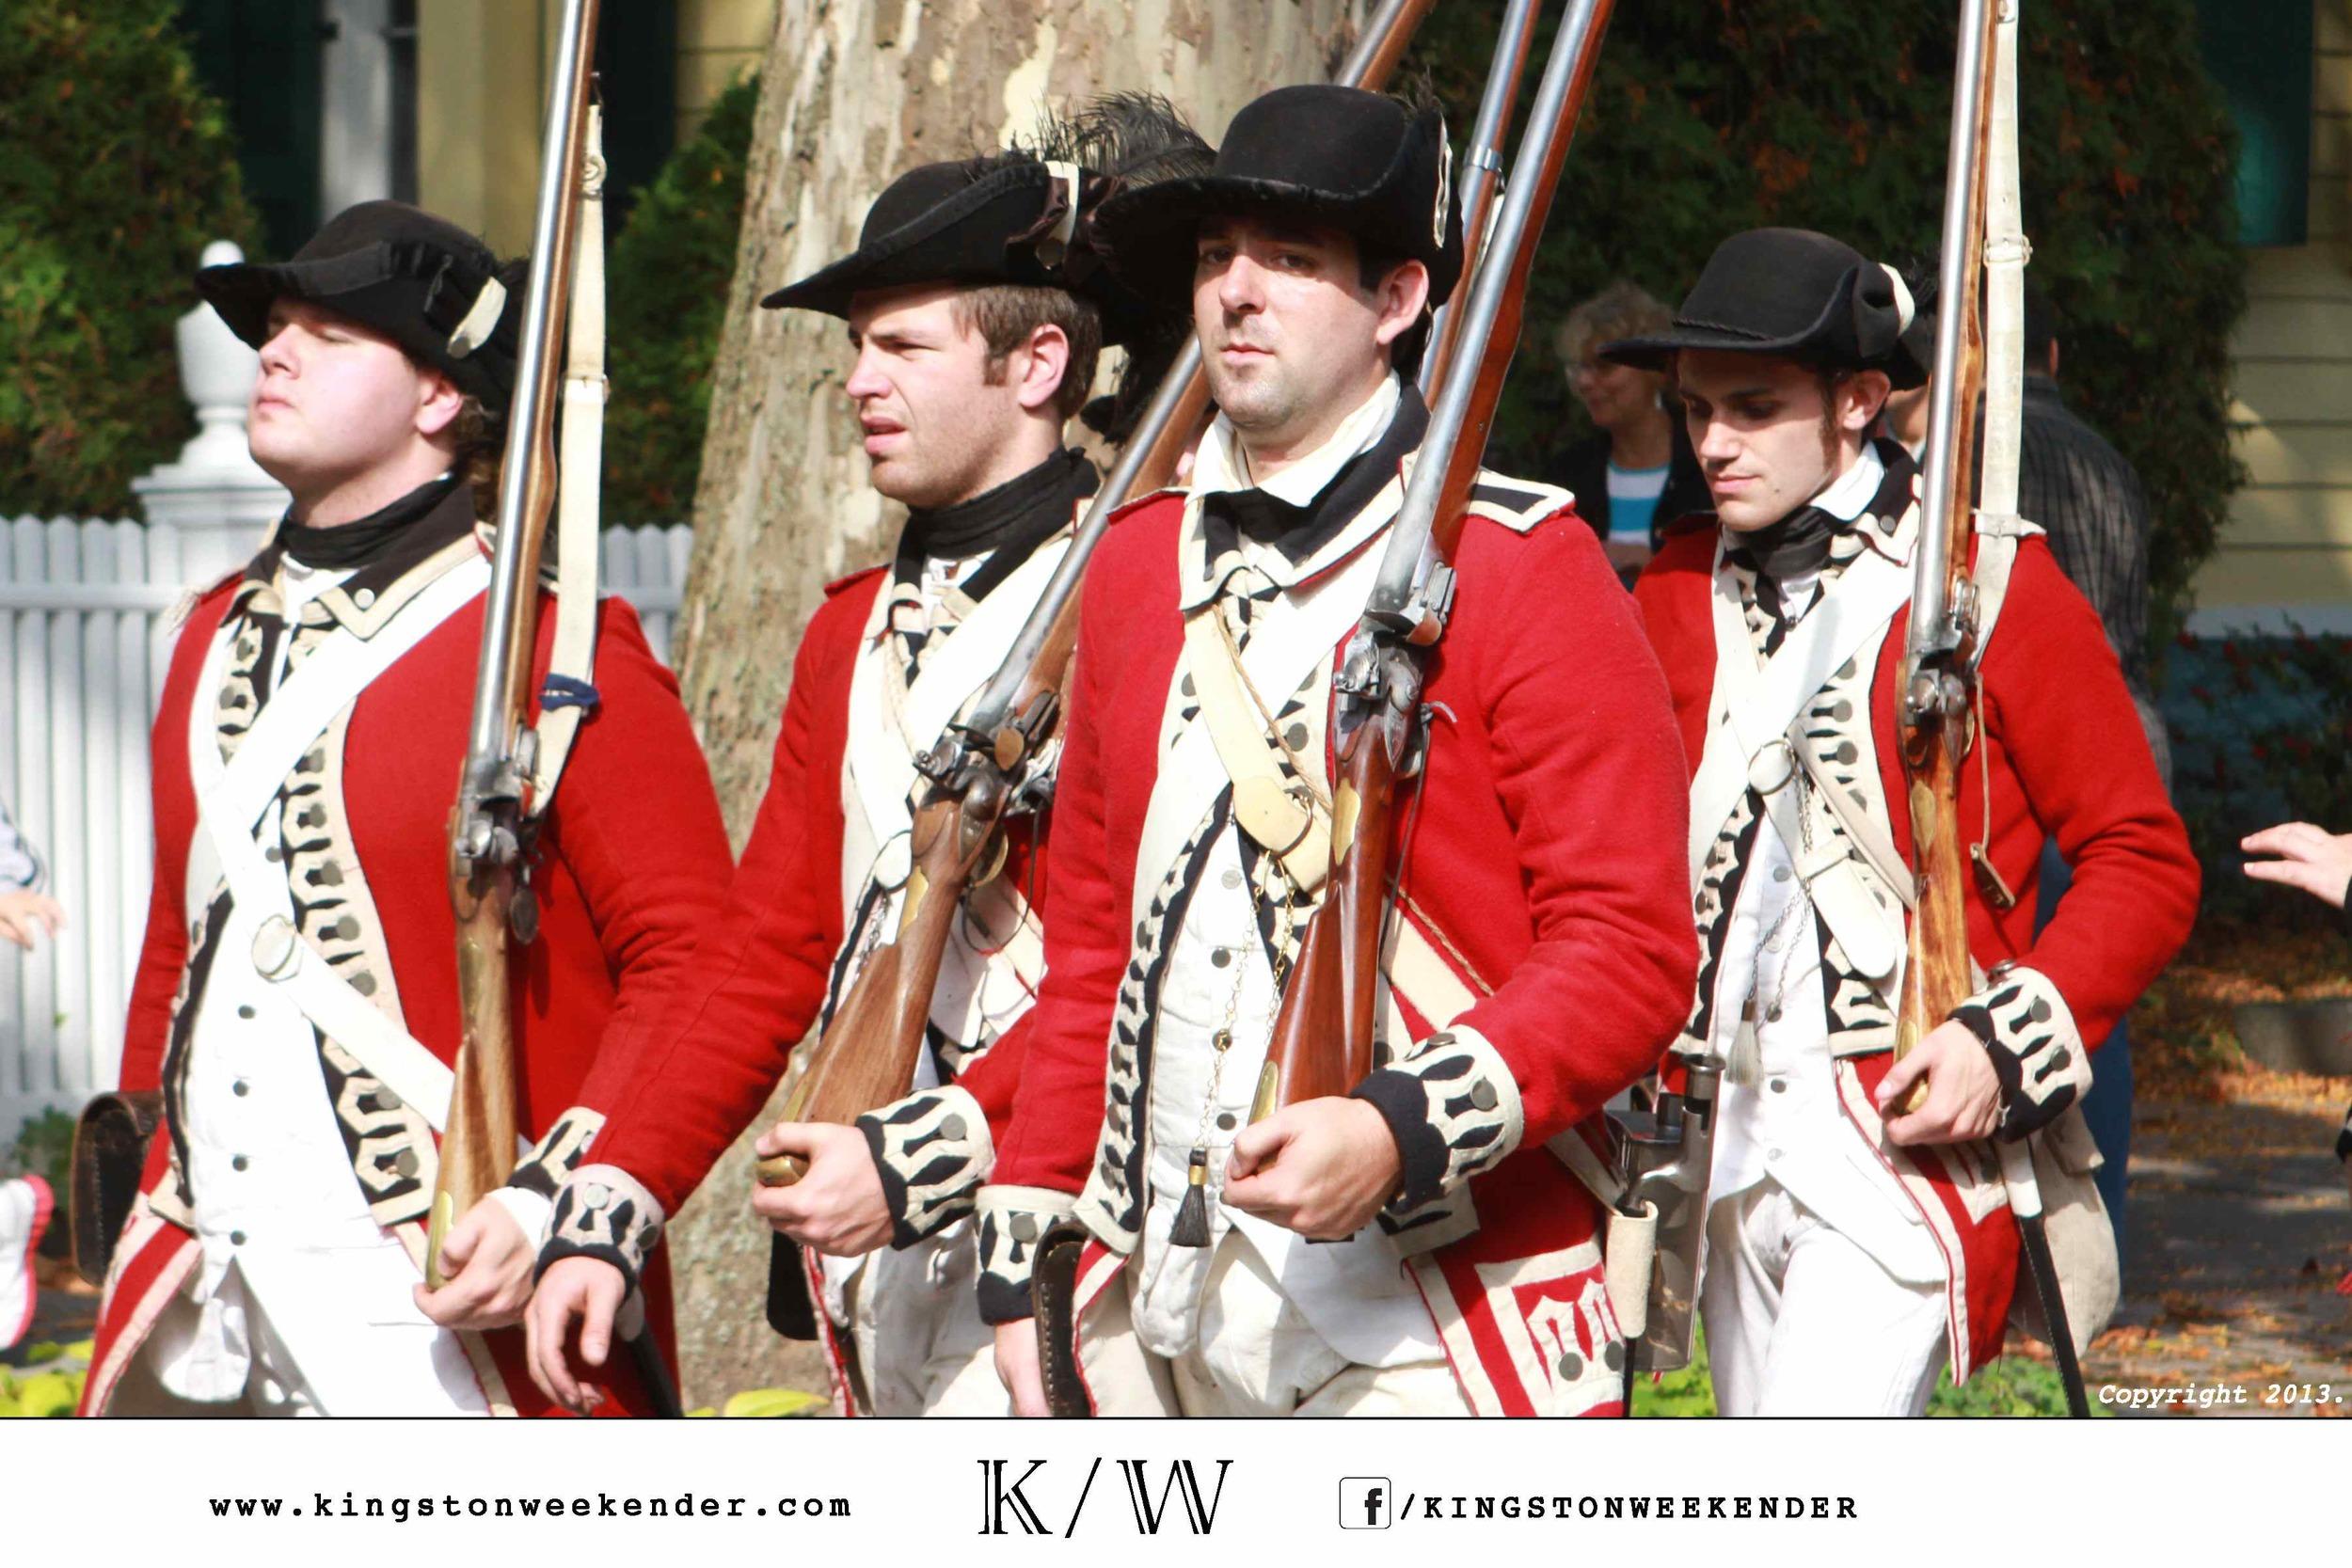 kingston-weekender-photo-credits41.jpg